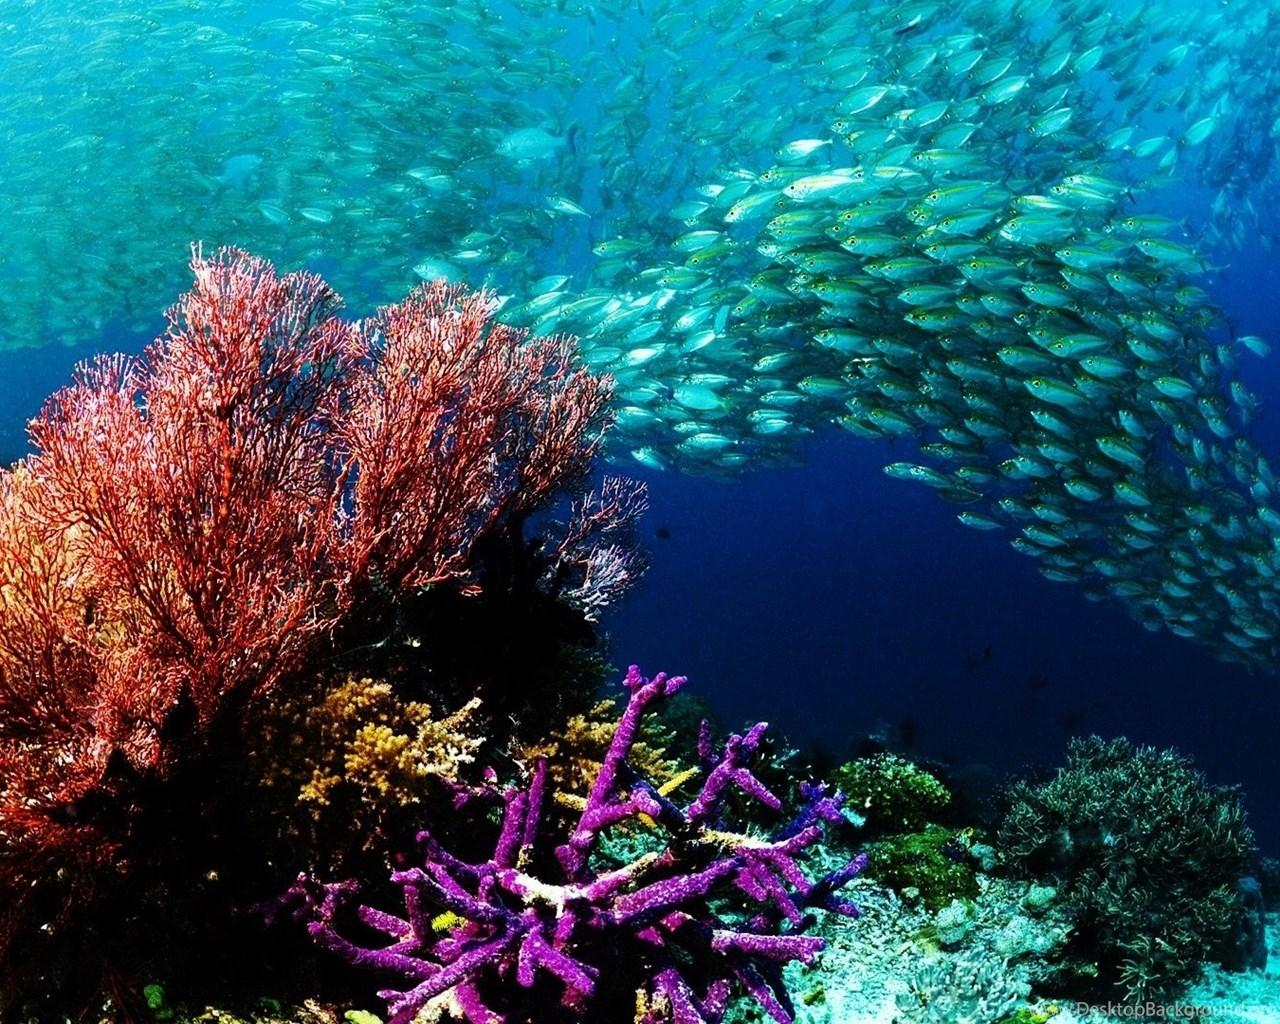 Underwater Ocean Wallpapers Hd Resolution Desktop Background